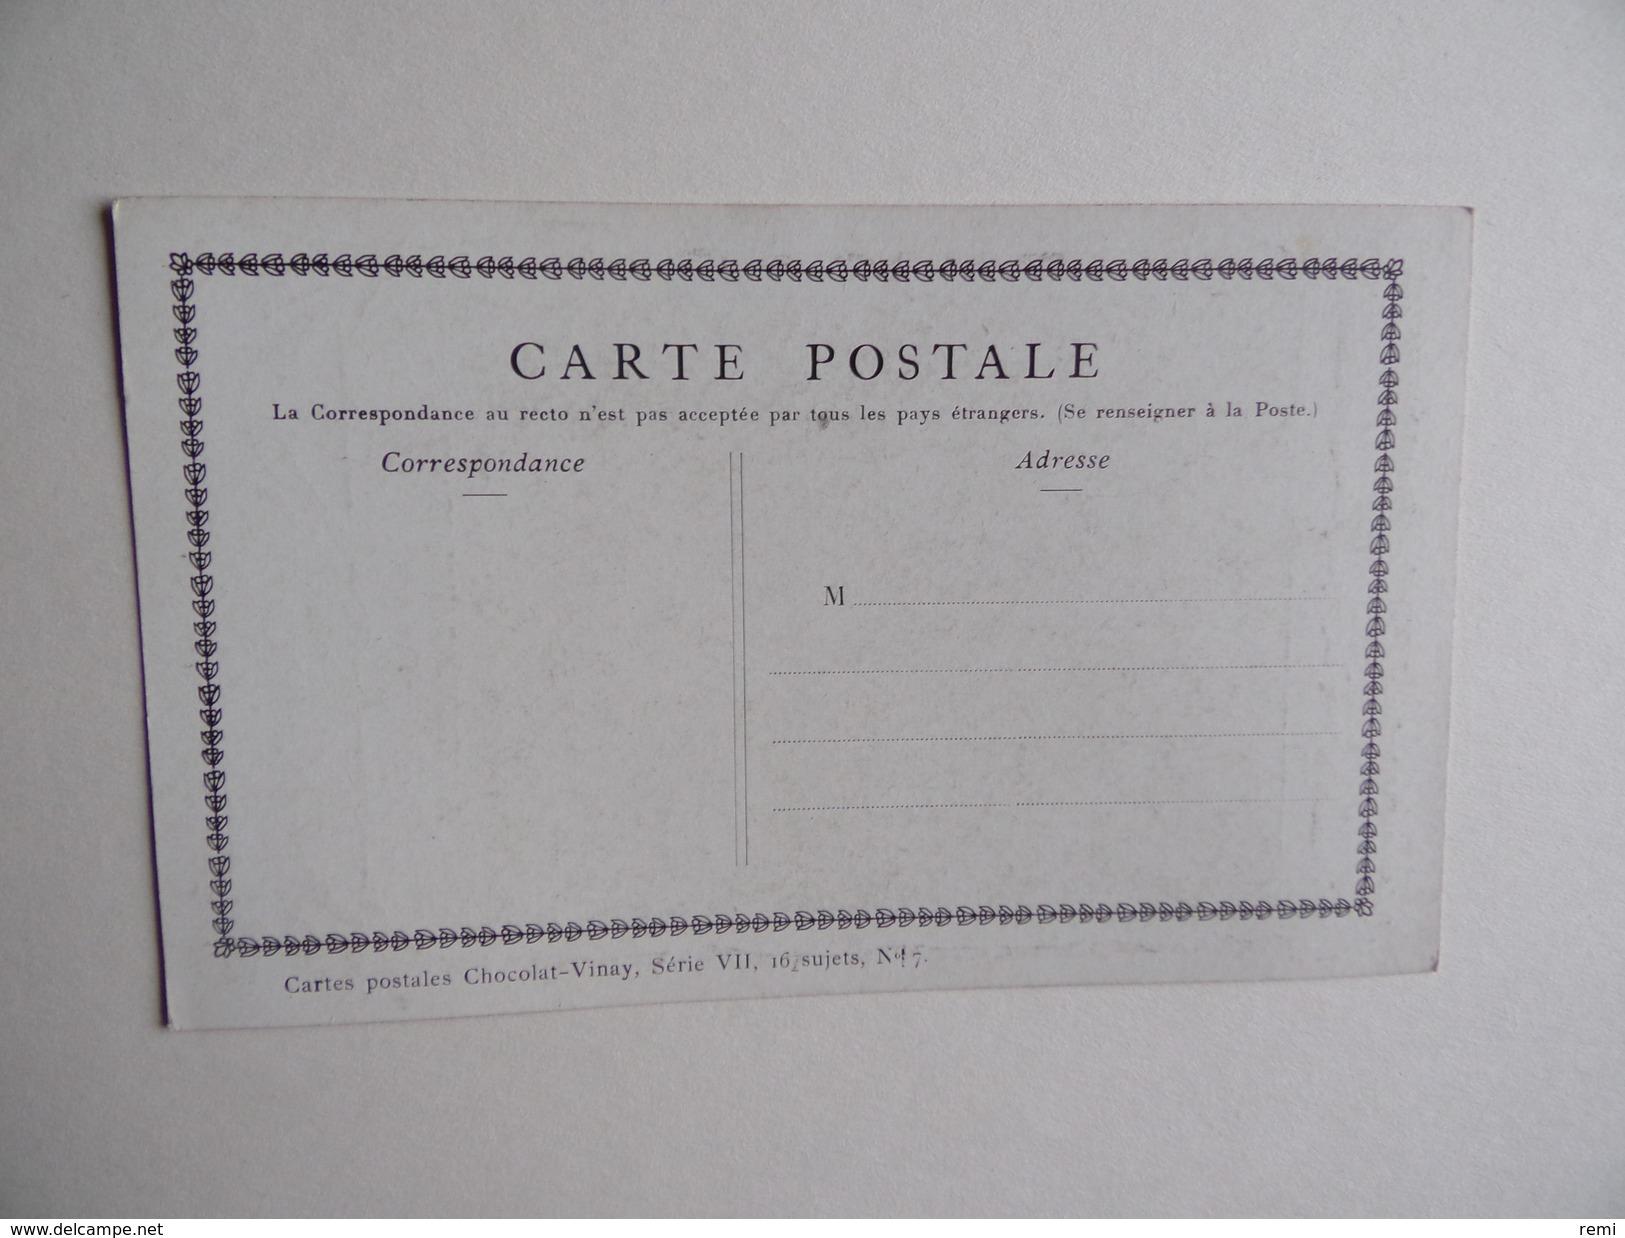 Carte Postale CHOCOLAT VINAY La Cuisinière Hollandaise Série VII 28 Sujets N° 17 - Publicité